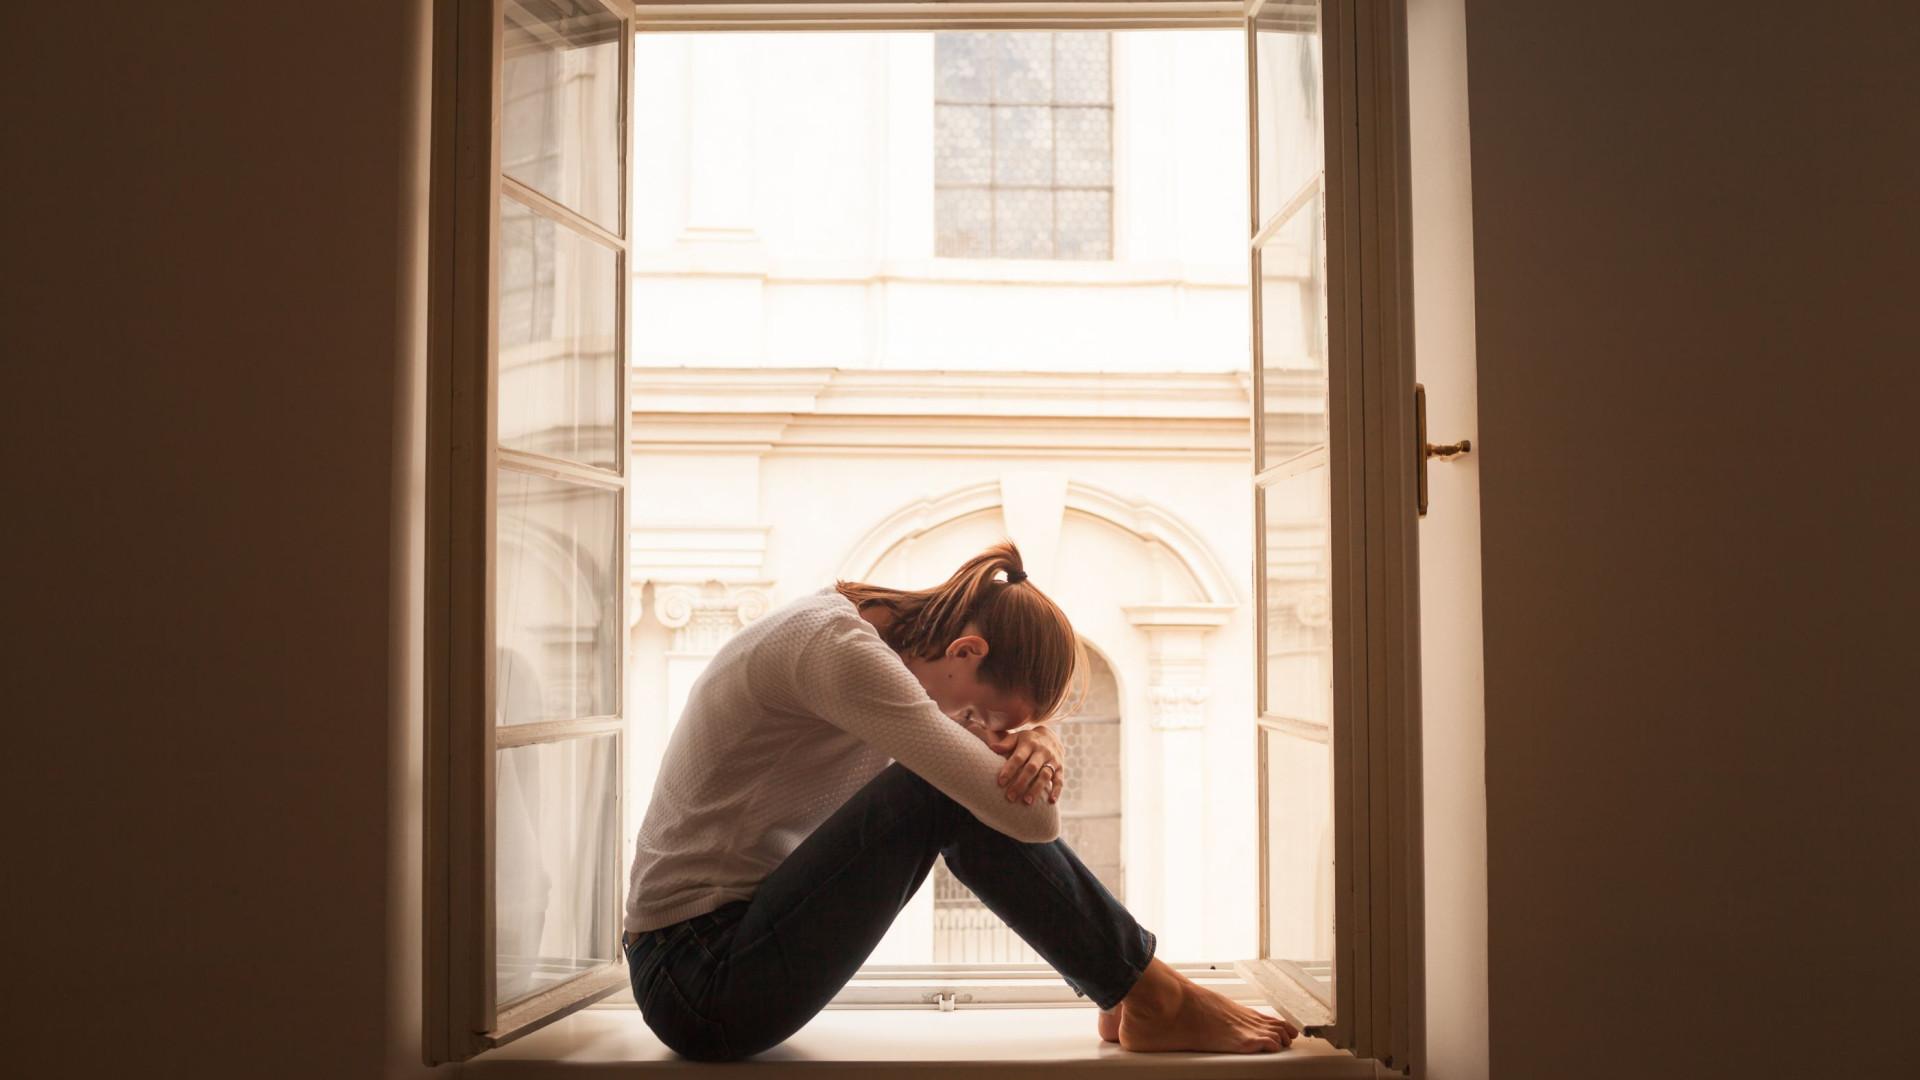 Mente sobre a matéria? Nove sintomas de ansiedade a ter em atenção